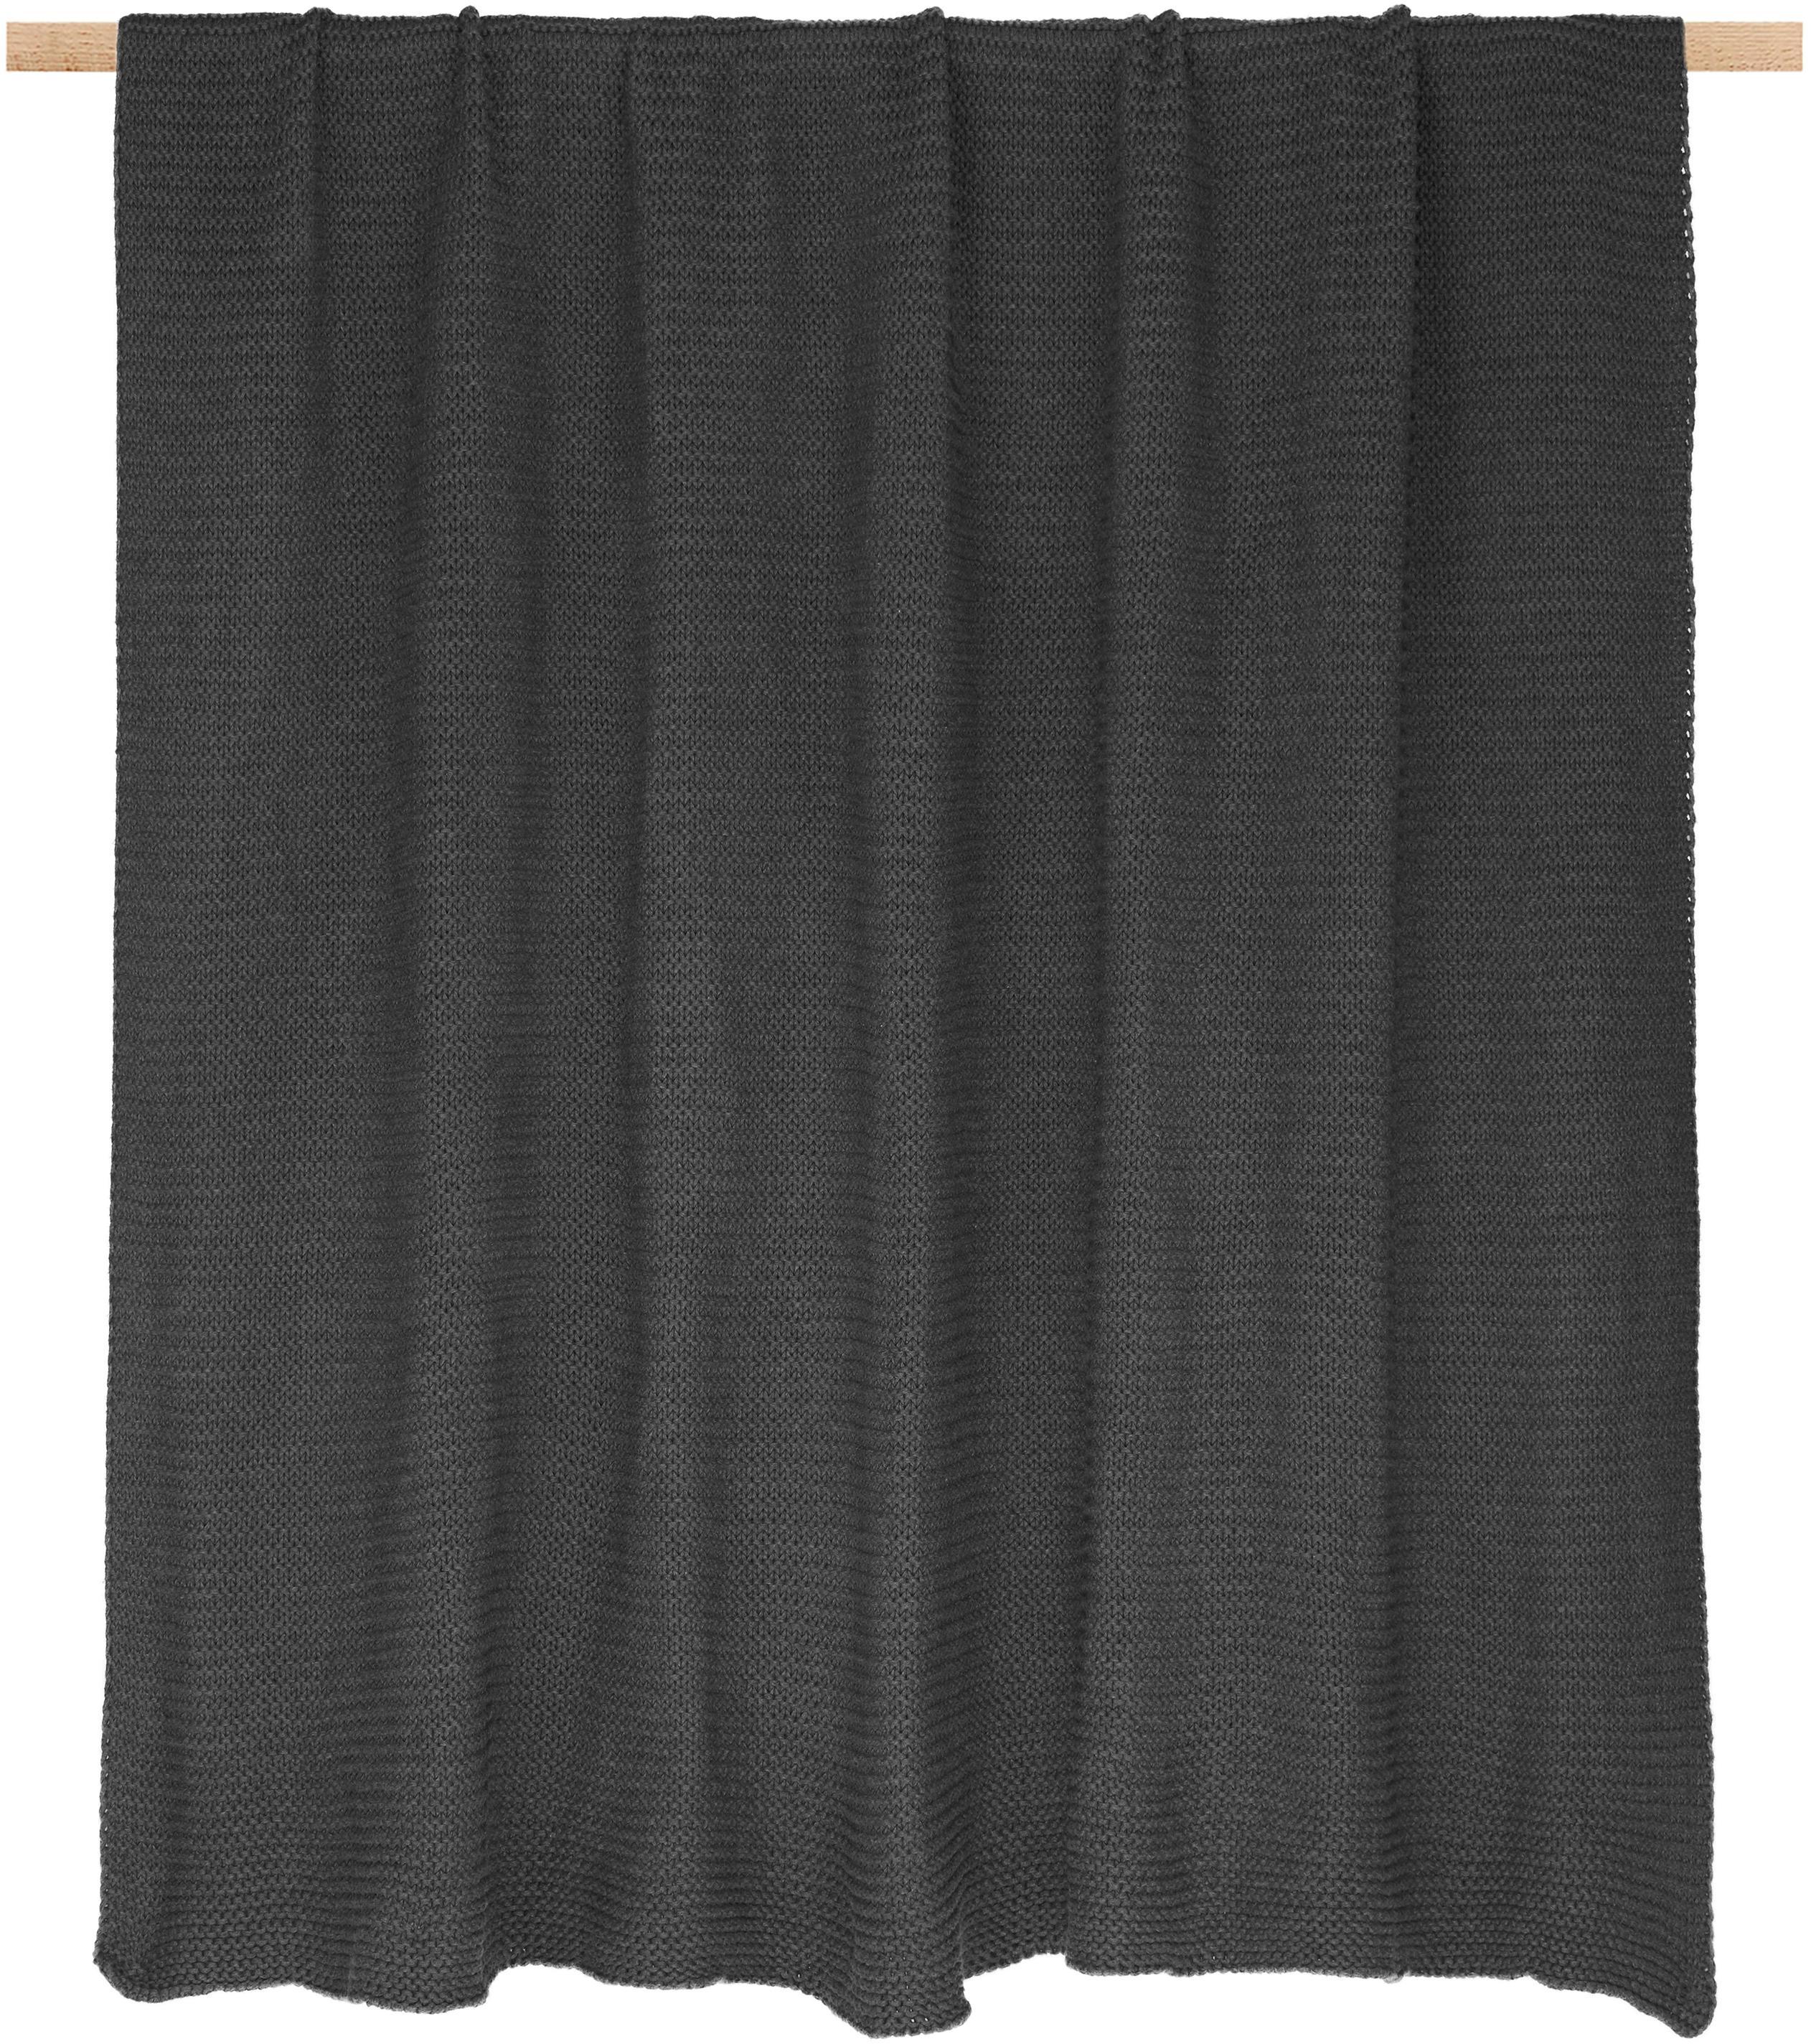 Pled z dzianiny Adalyn, 100% bawełna, Ciemnyszary, S 150 x D 200 cm